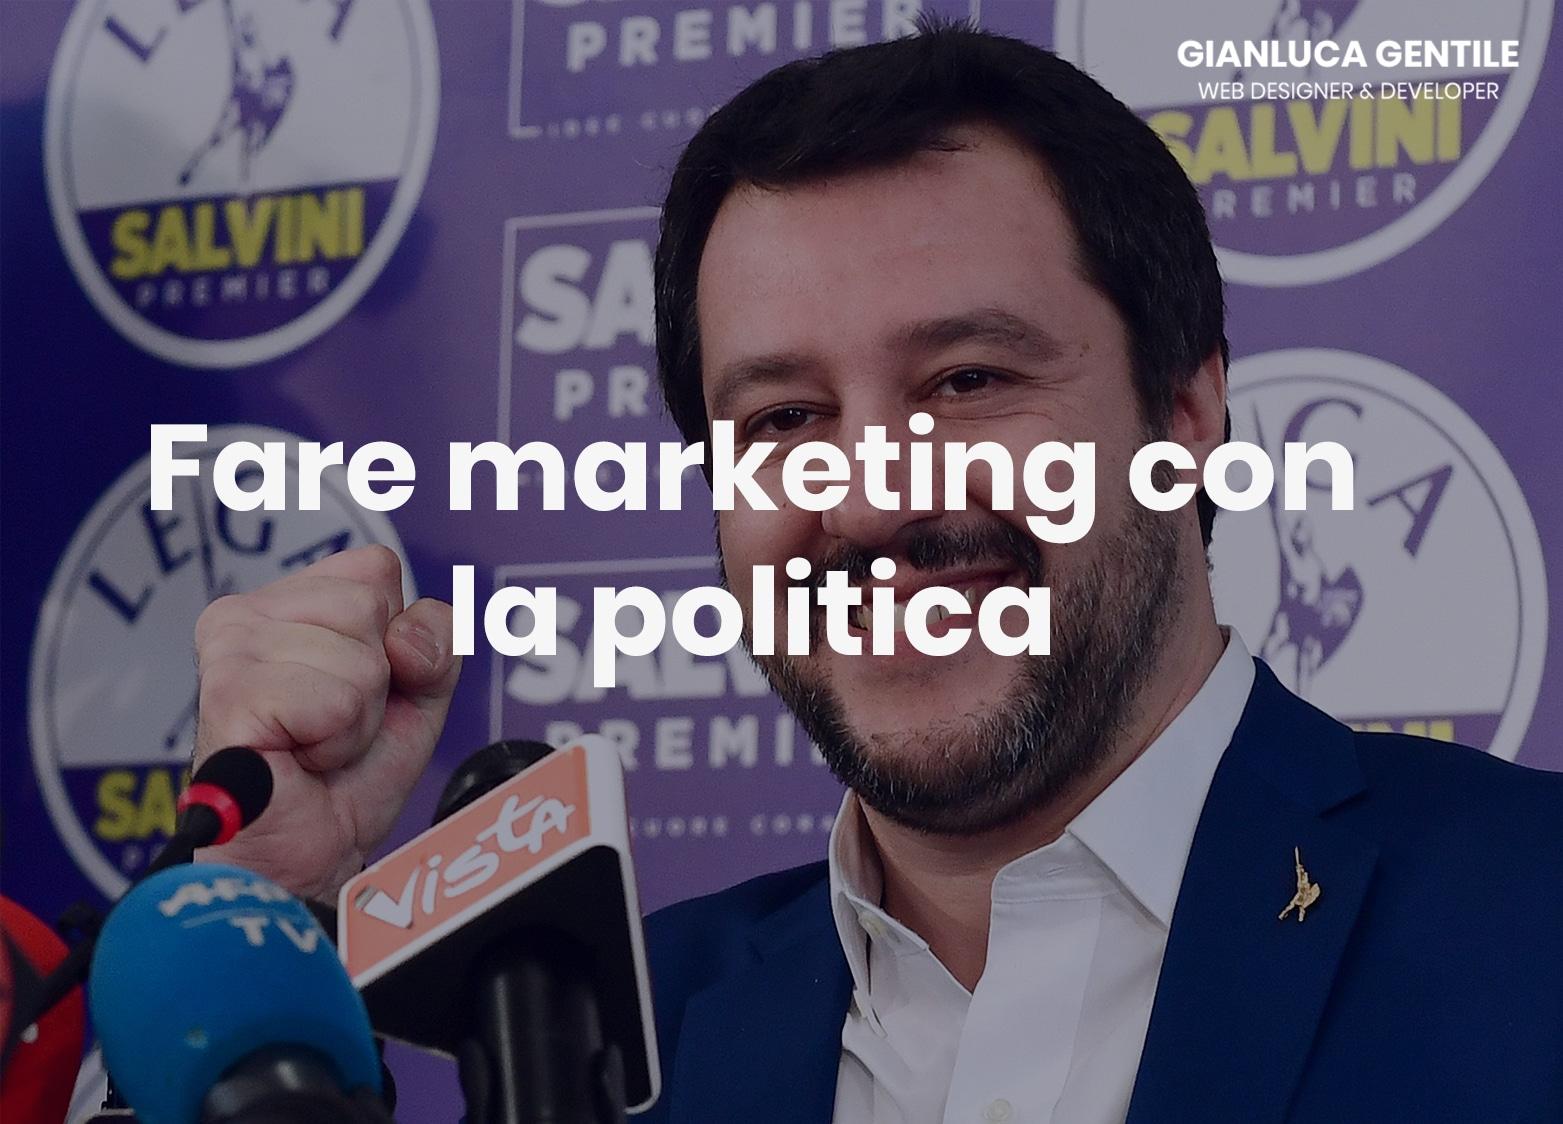 fare marketing con la politica - Fare Marketing con la politica - Fare marketing con la politica